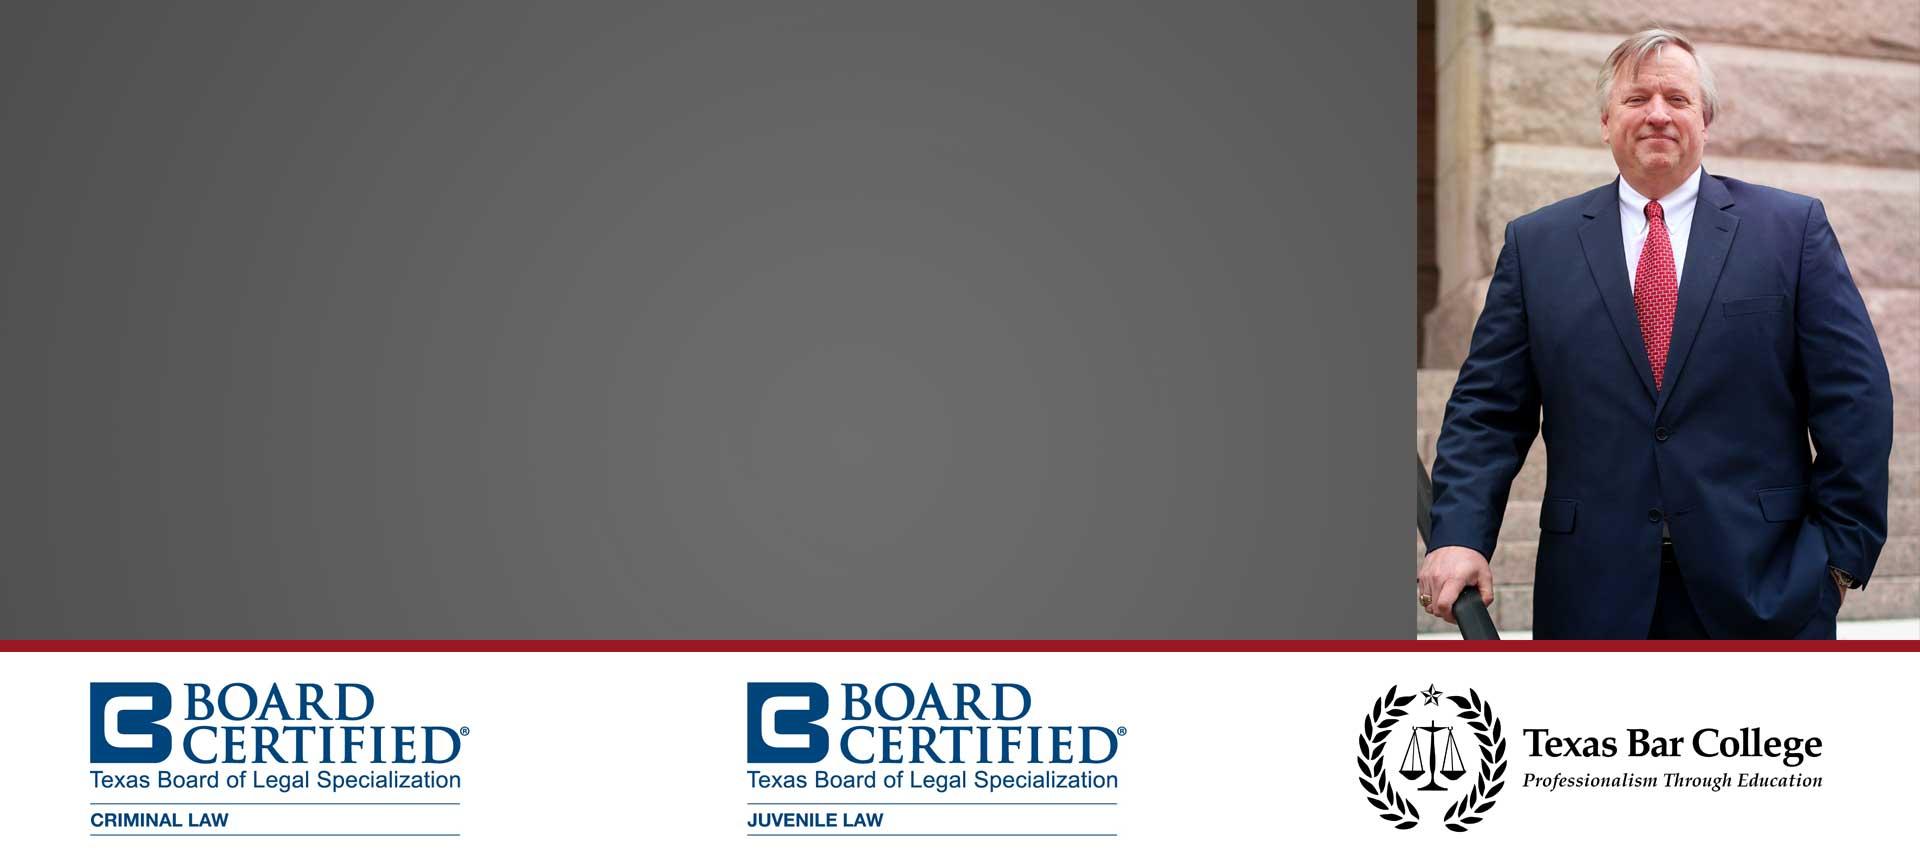 Certified-2.jpg